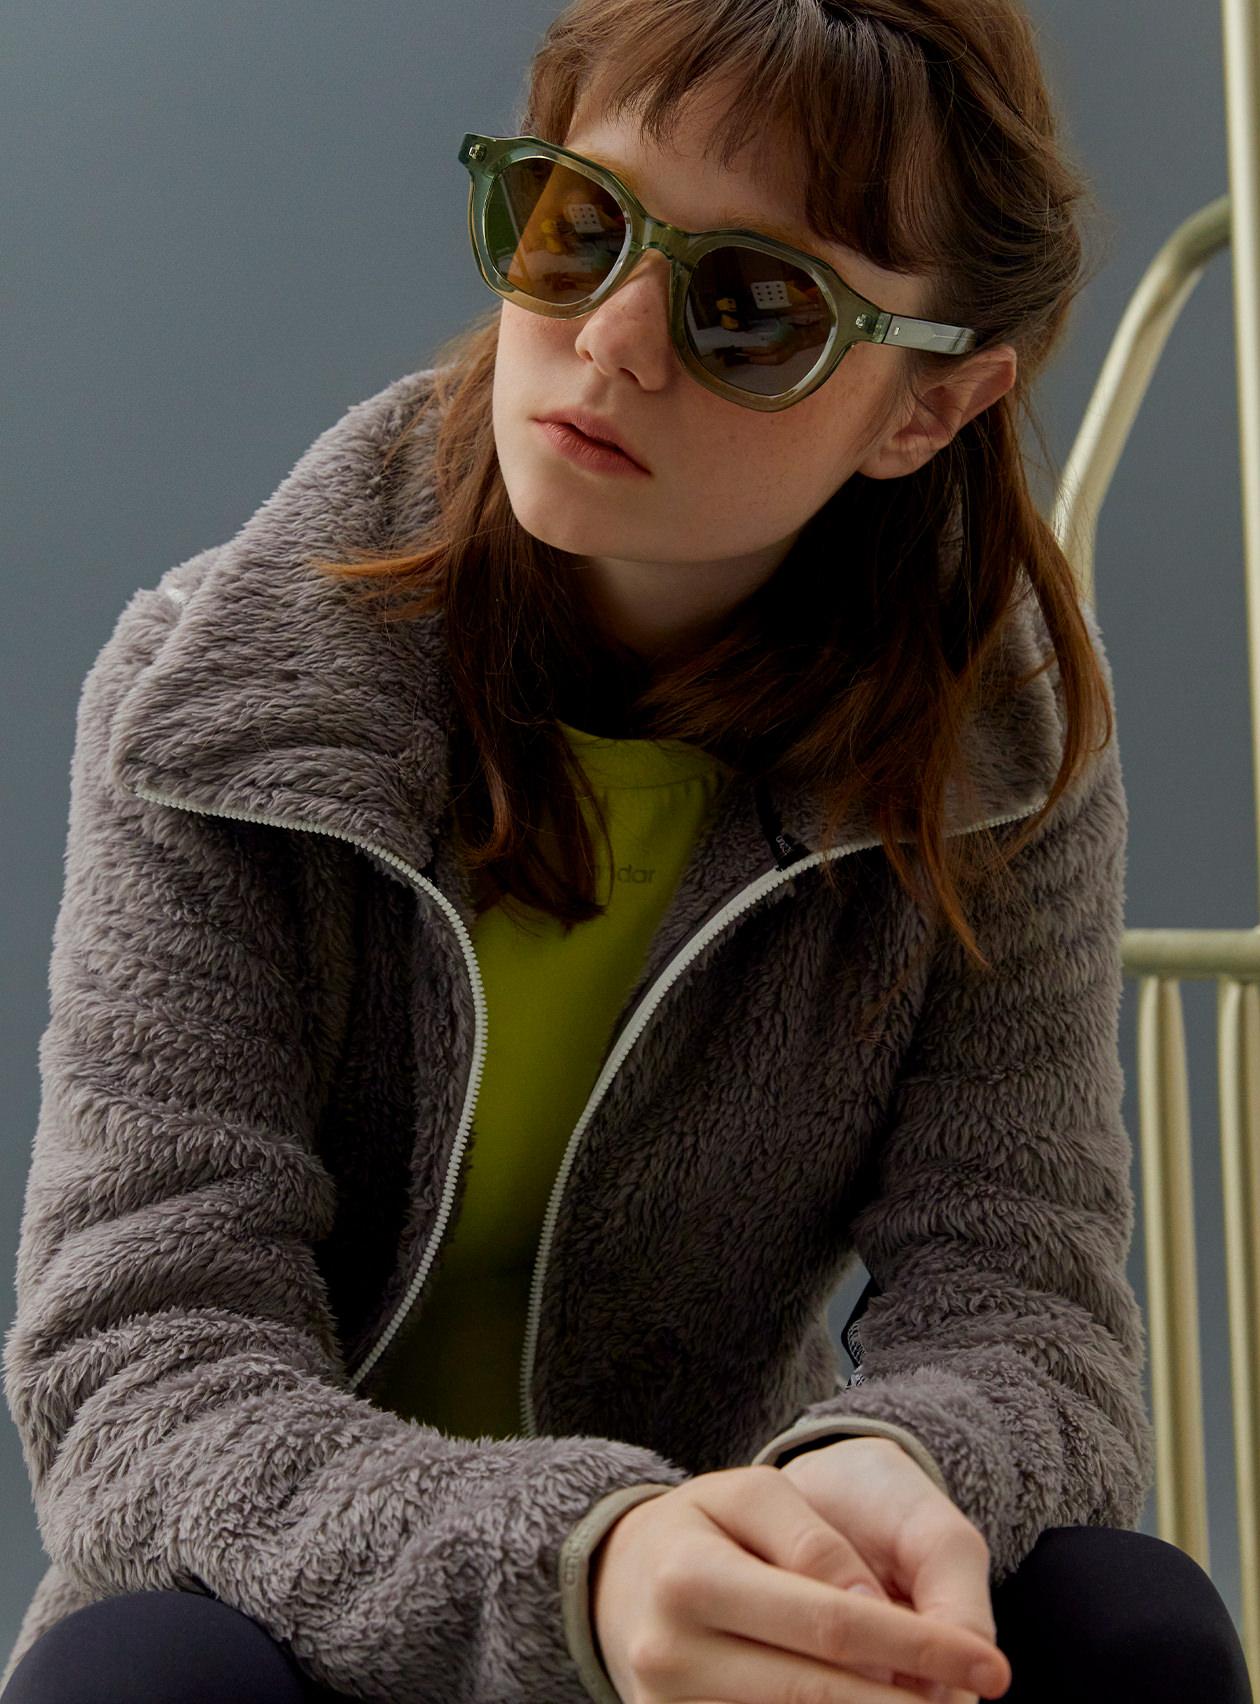 보아플리스 하이넥 집업 재킷